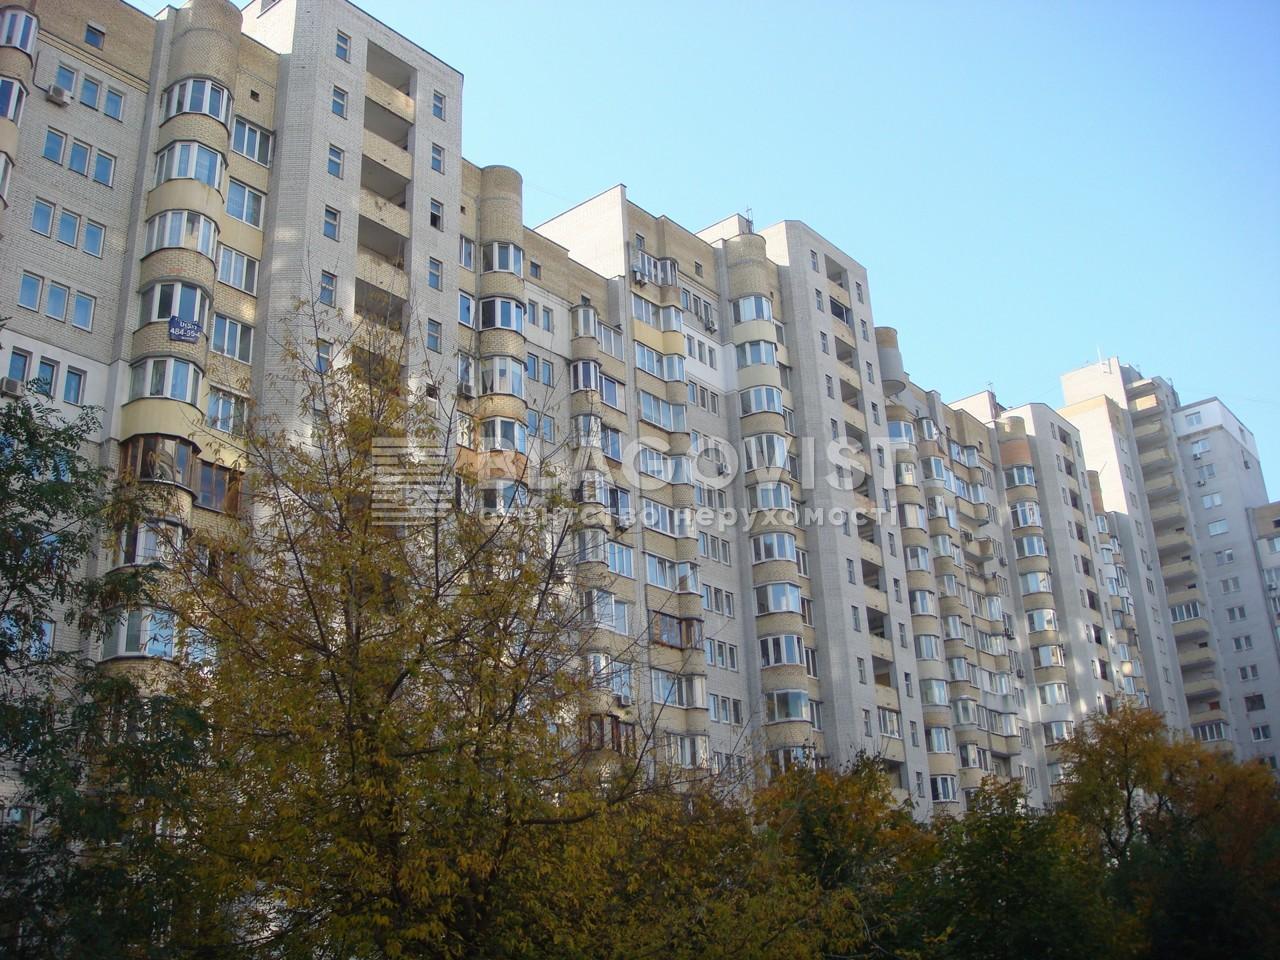 Квартира C-94518, Отдыха, 10, Киев - Фото 1